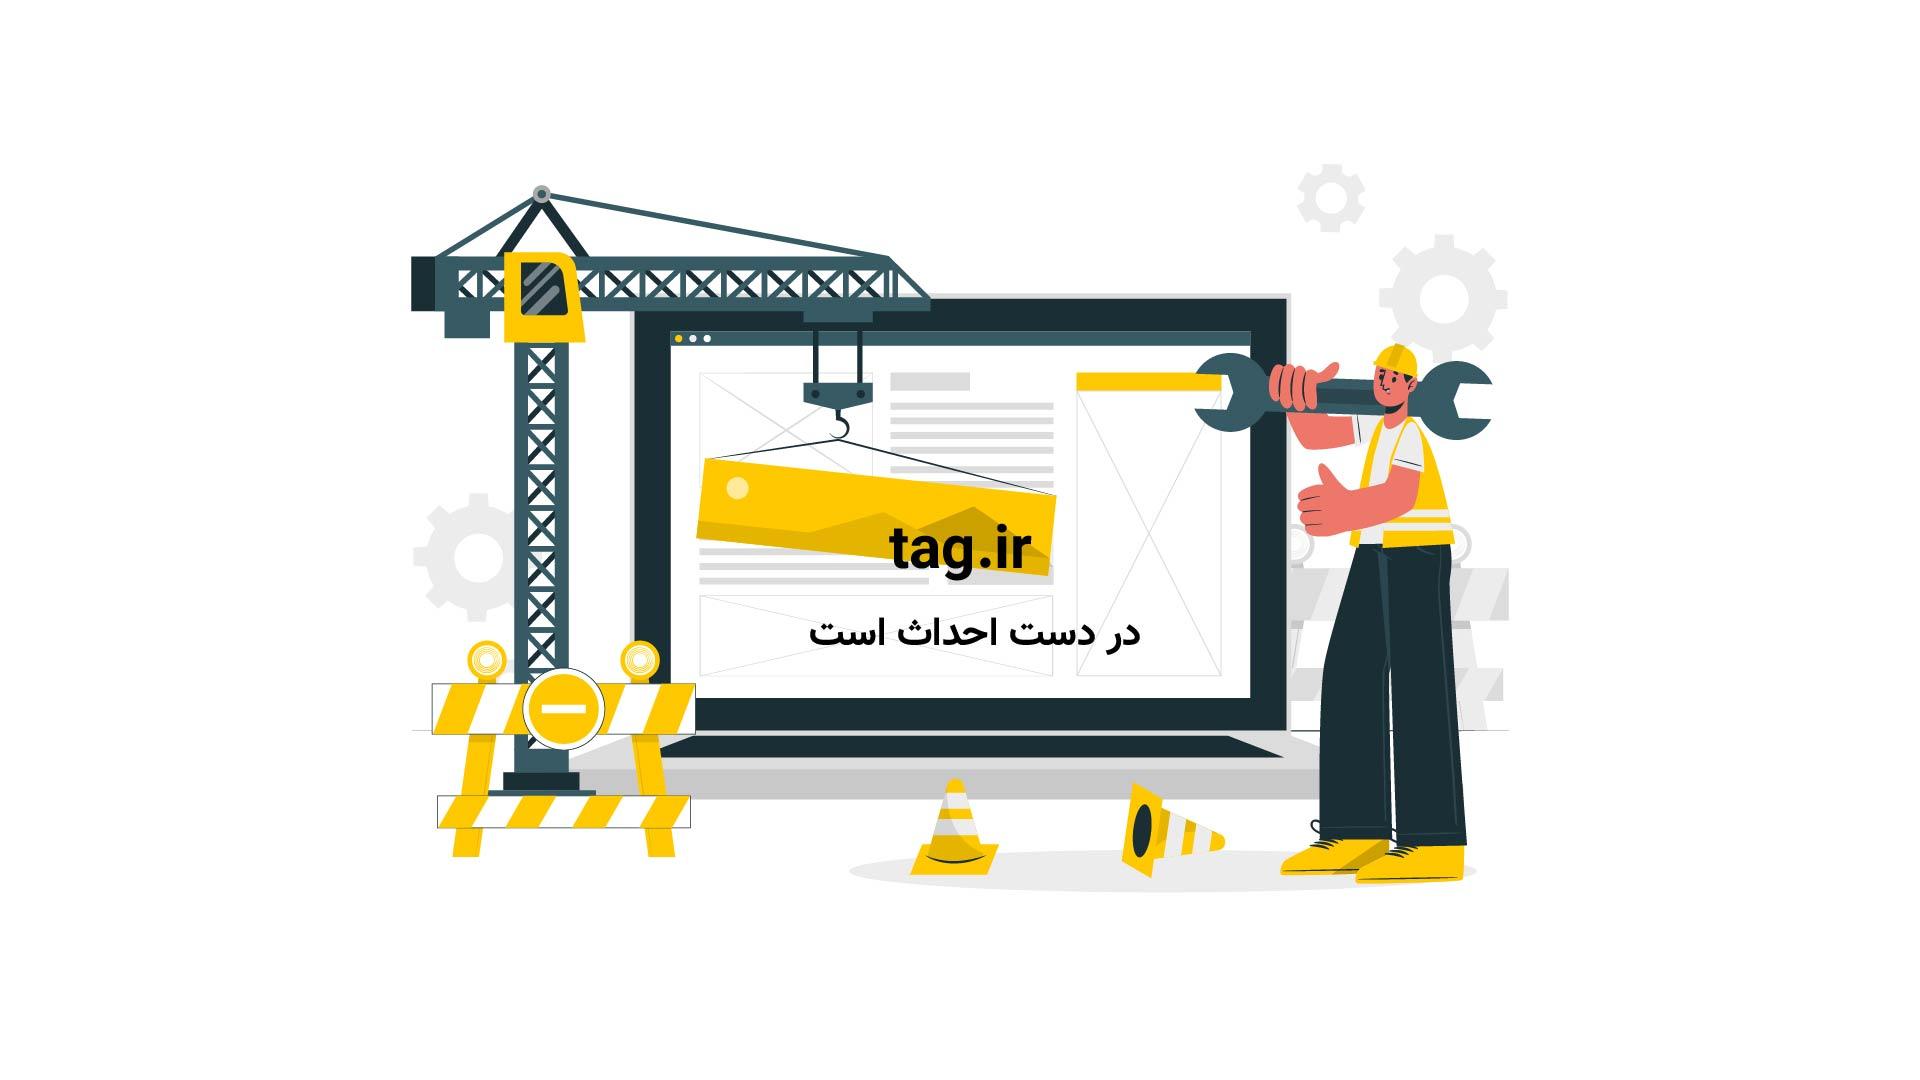 خورده شدن چندین تن ماهی ساردین توسط نهنگهای کوهاندار | فیلم